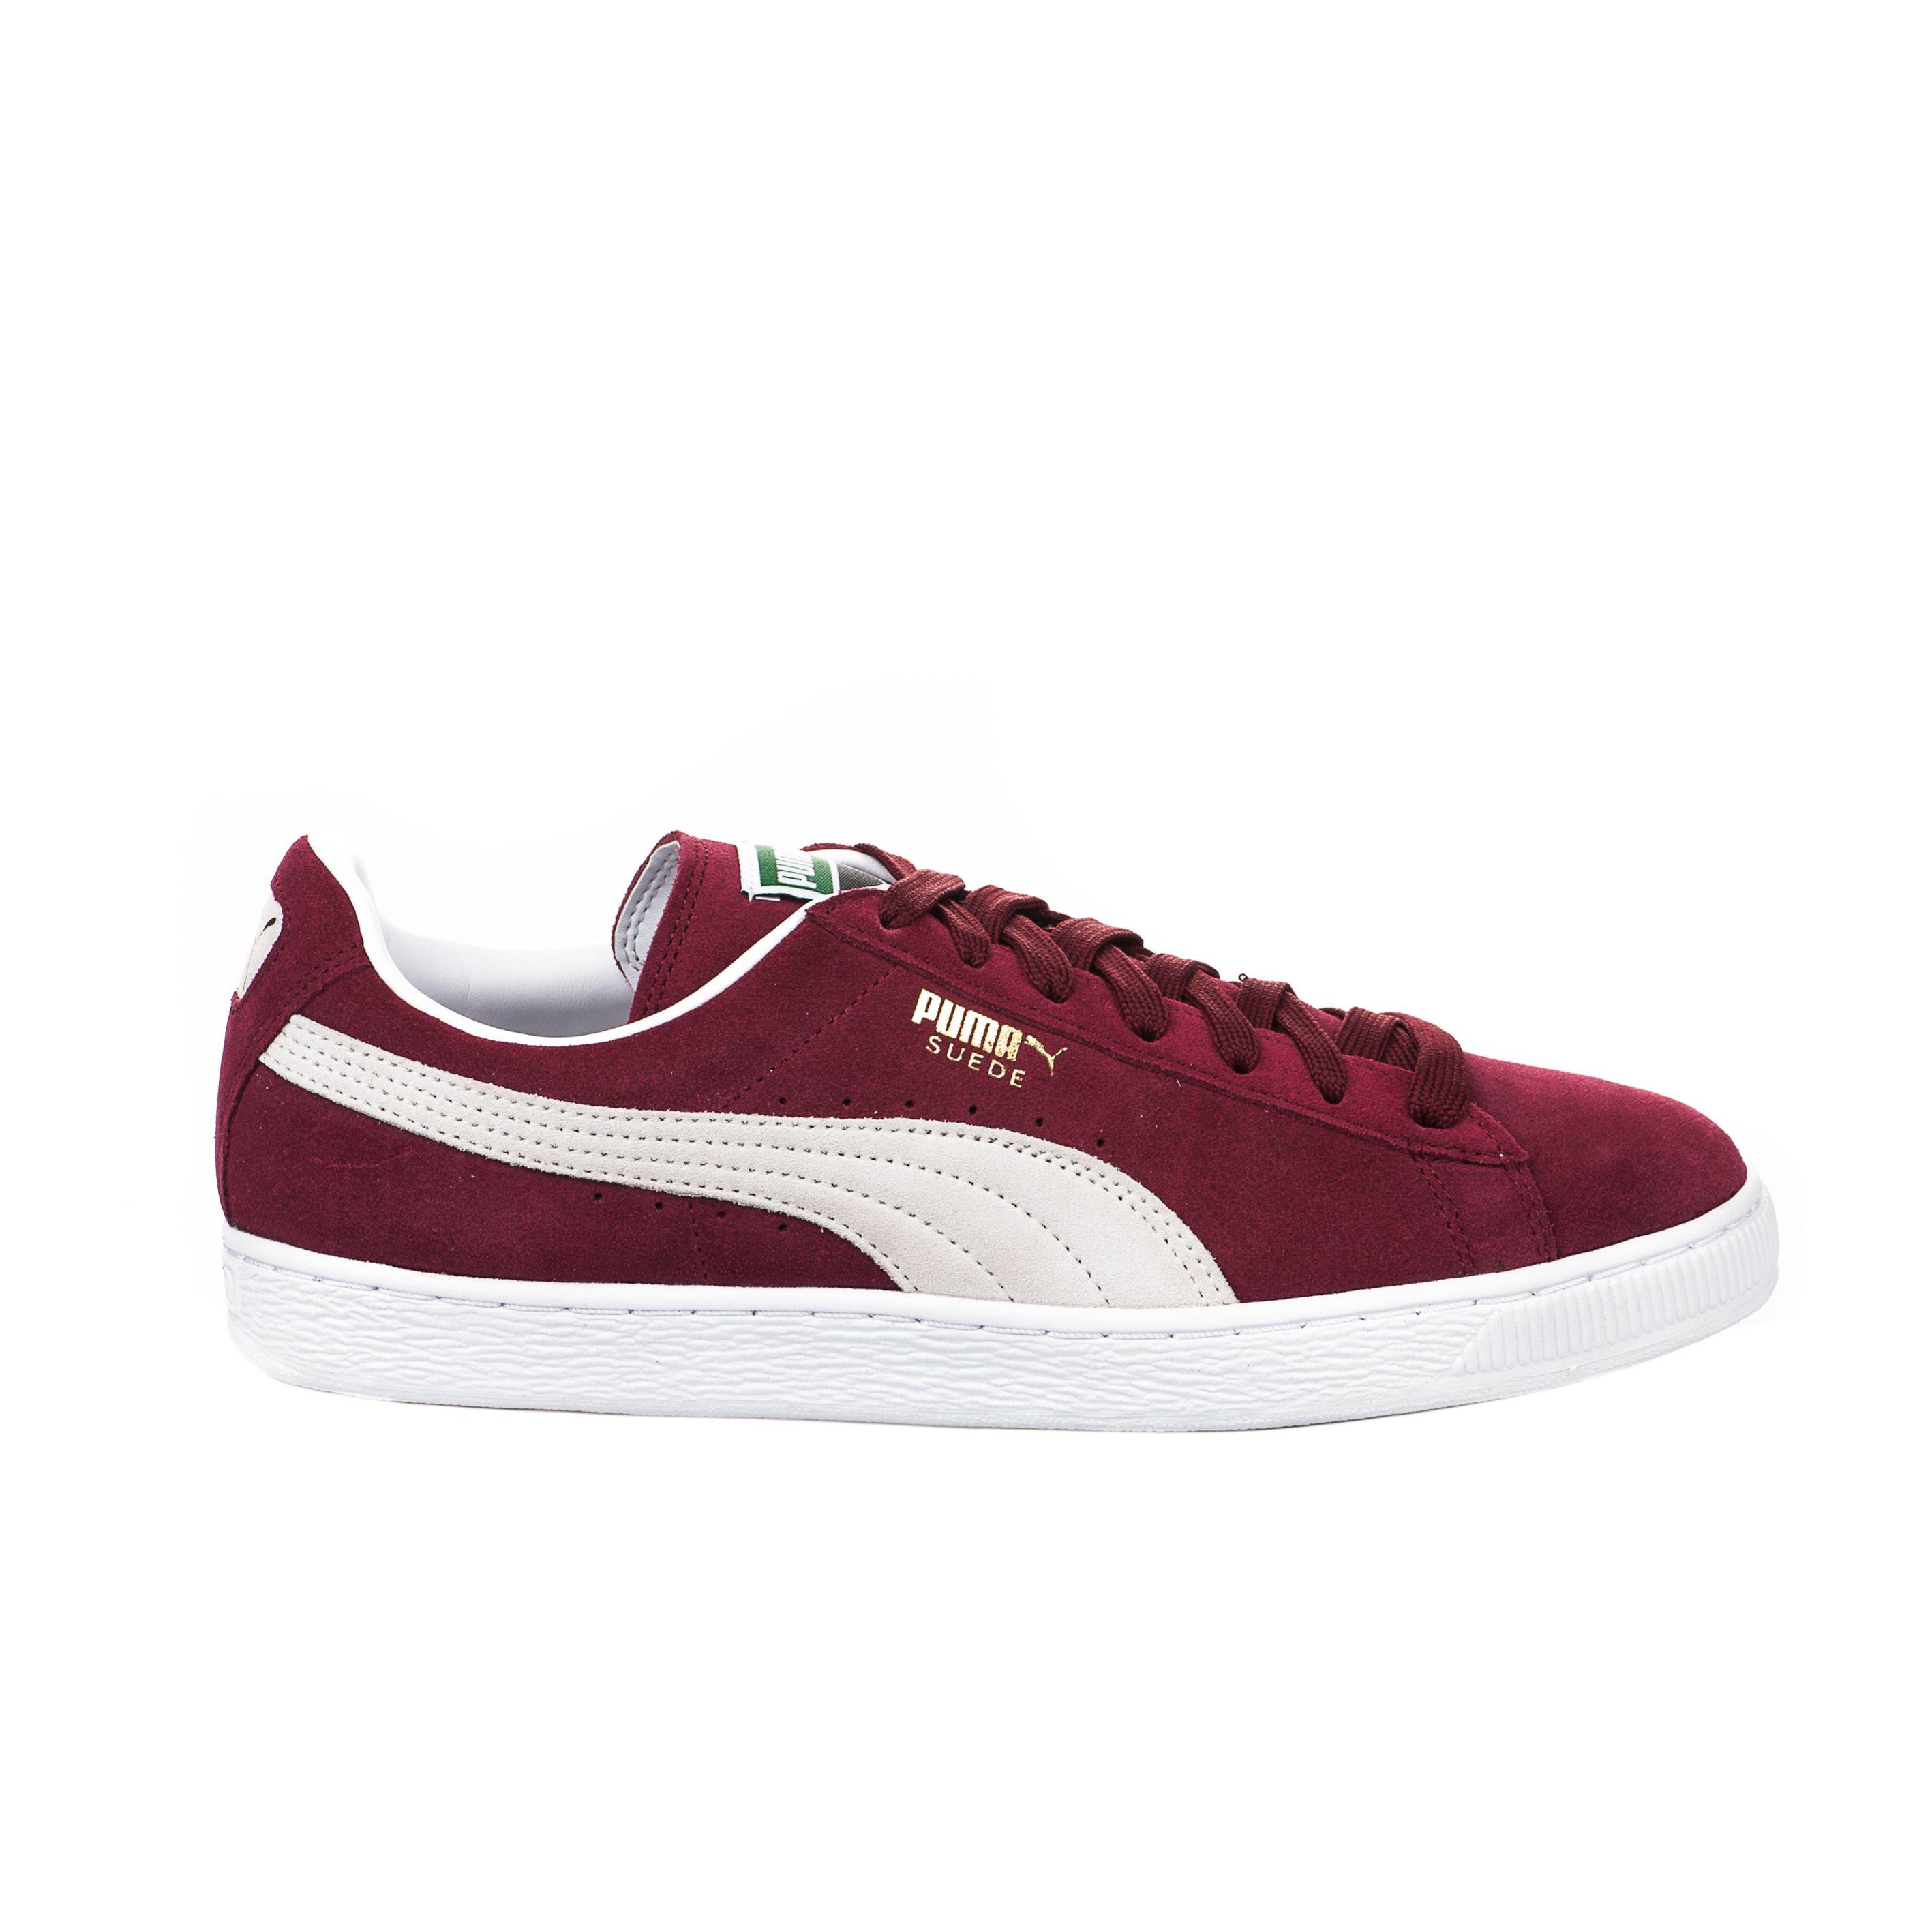 Baskets Puma rouge bordeaux garçon - SUEDE CLASSIC BORDEAU - 65354